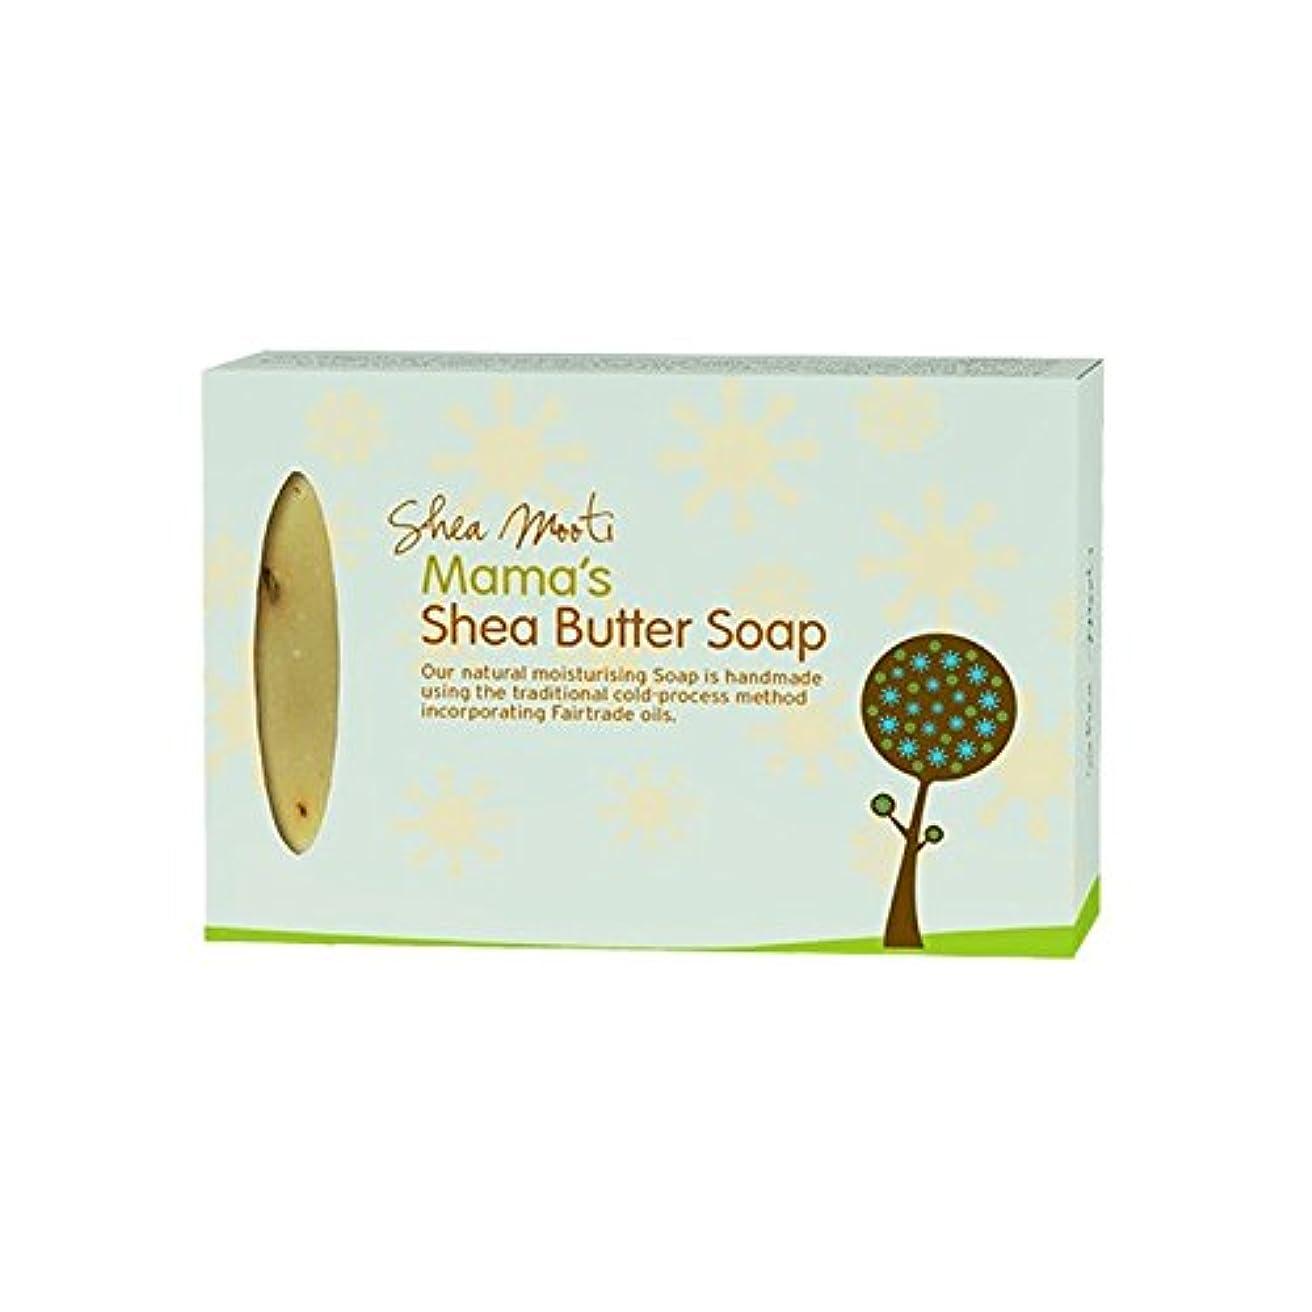 闇労苦いつシアバターMootiママのシアバターソープ100グラム - Shea Mooti Mama's Shea Butter Soap 100g (Shea Mooti) [並行輸入品]